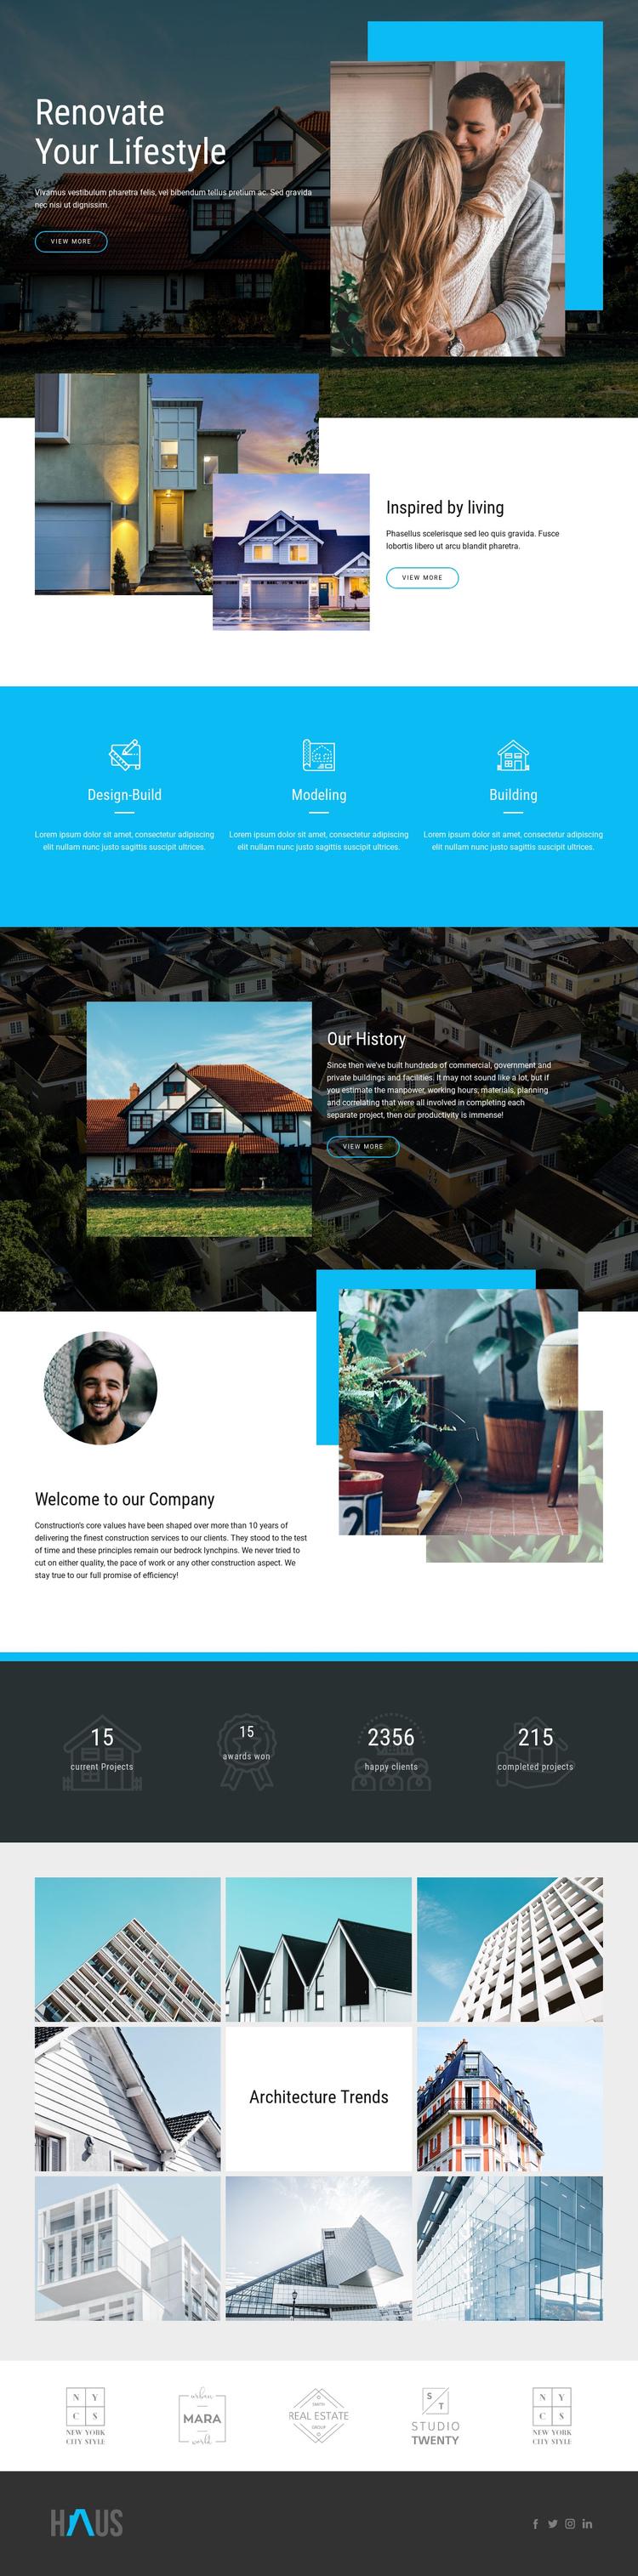 Renovate real estate Website Builder Software